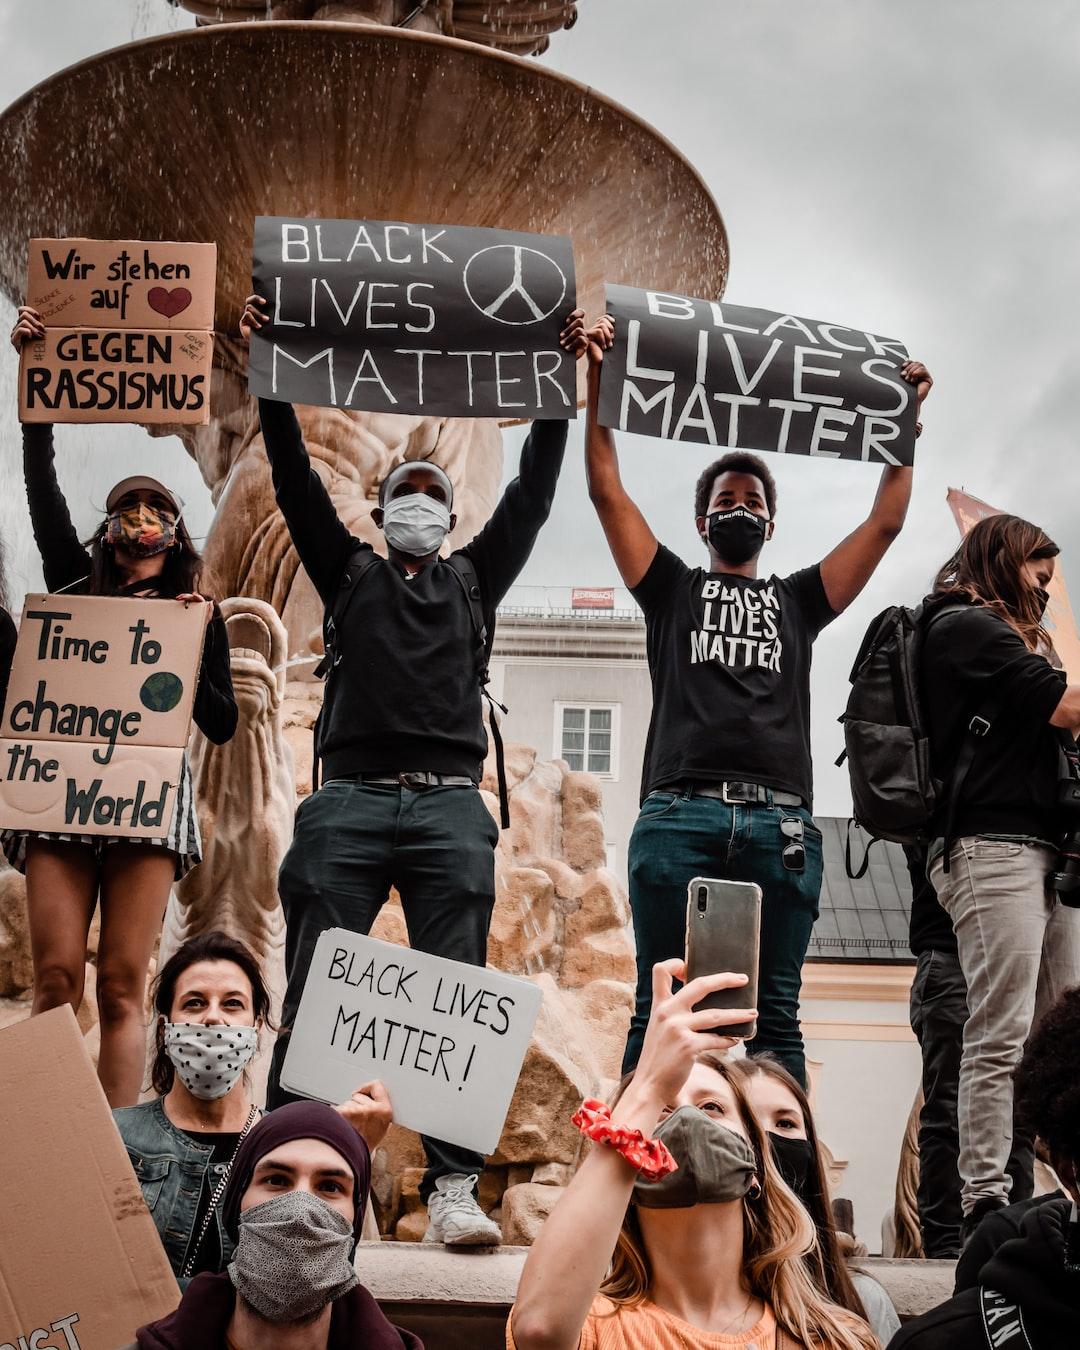 Peaceful protestors at the #blacklivesmatter demonstration in Salzburg, Austria.